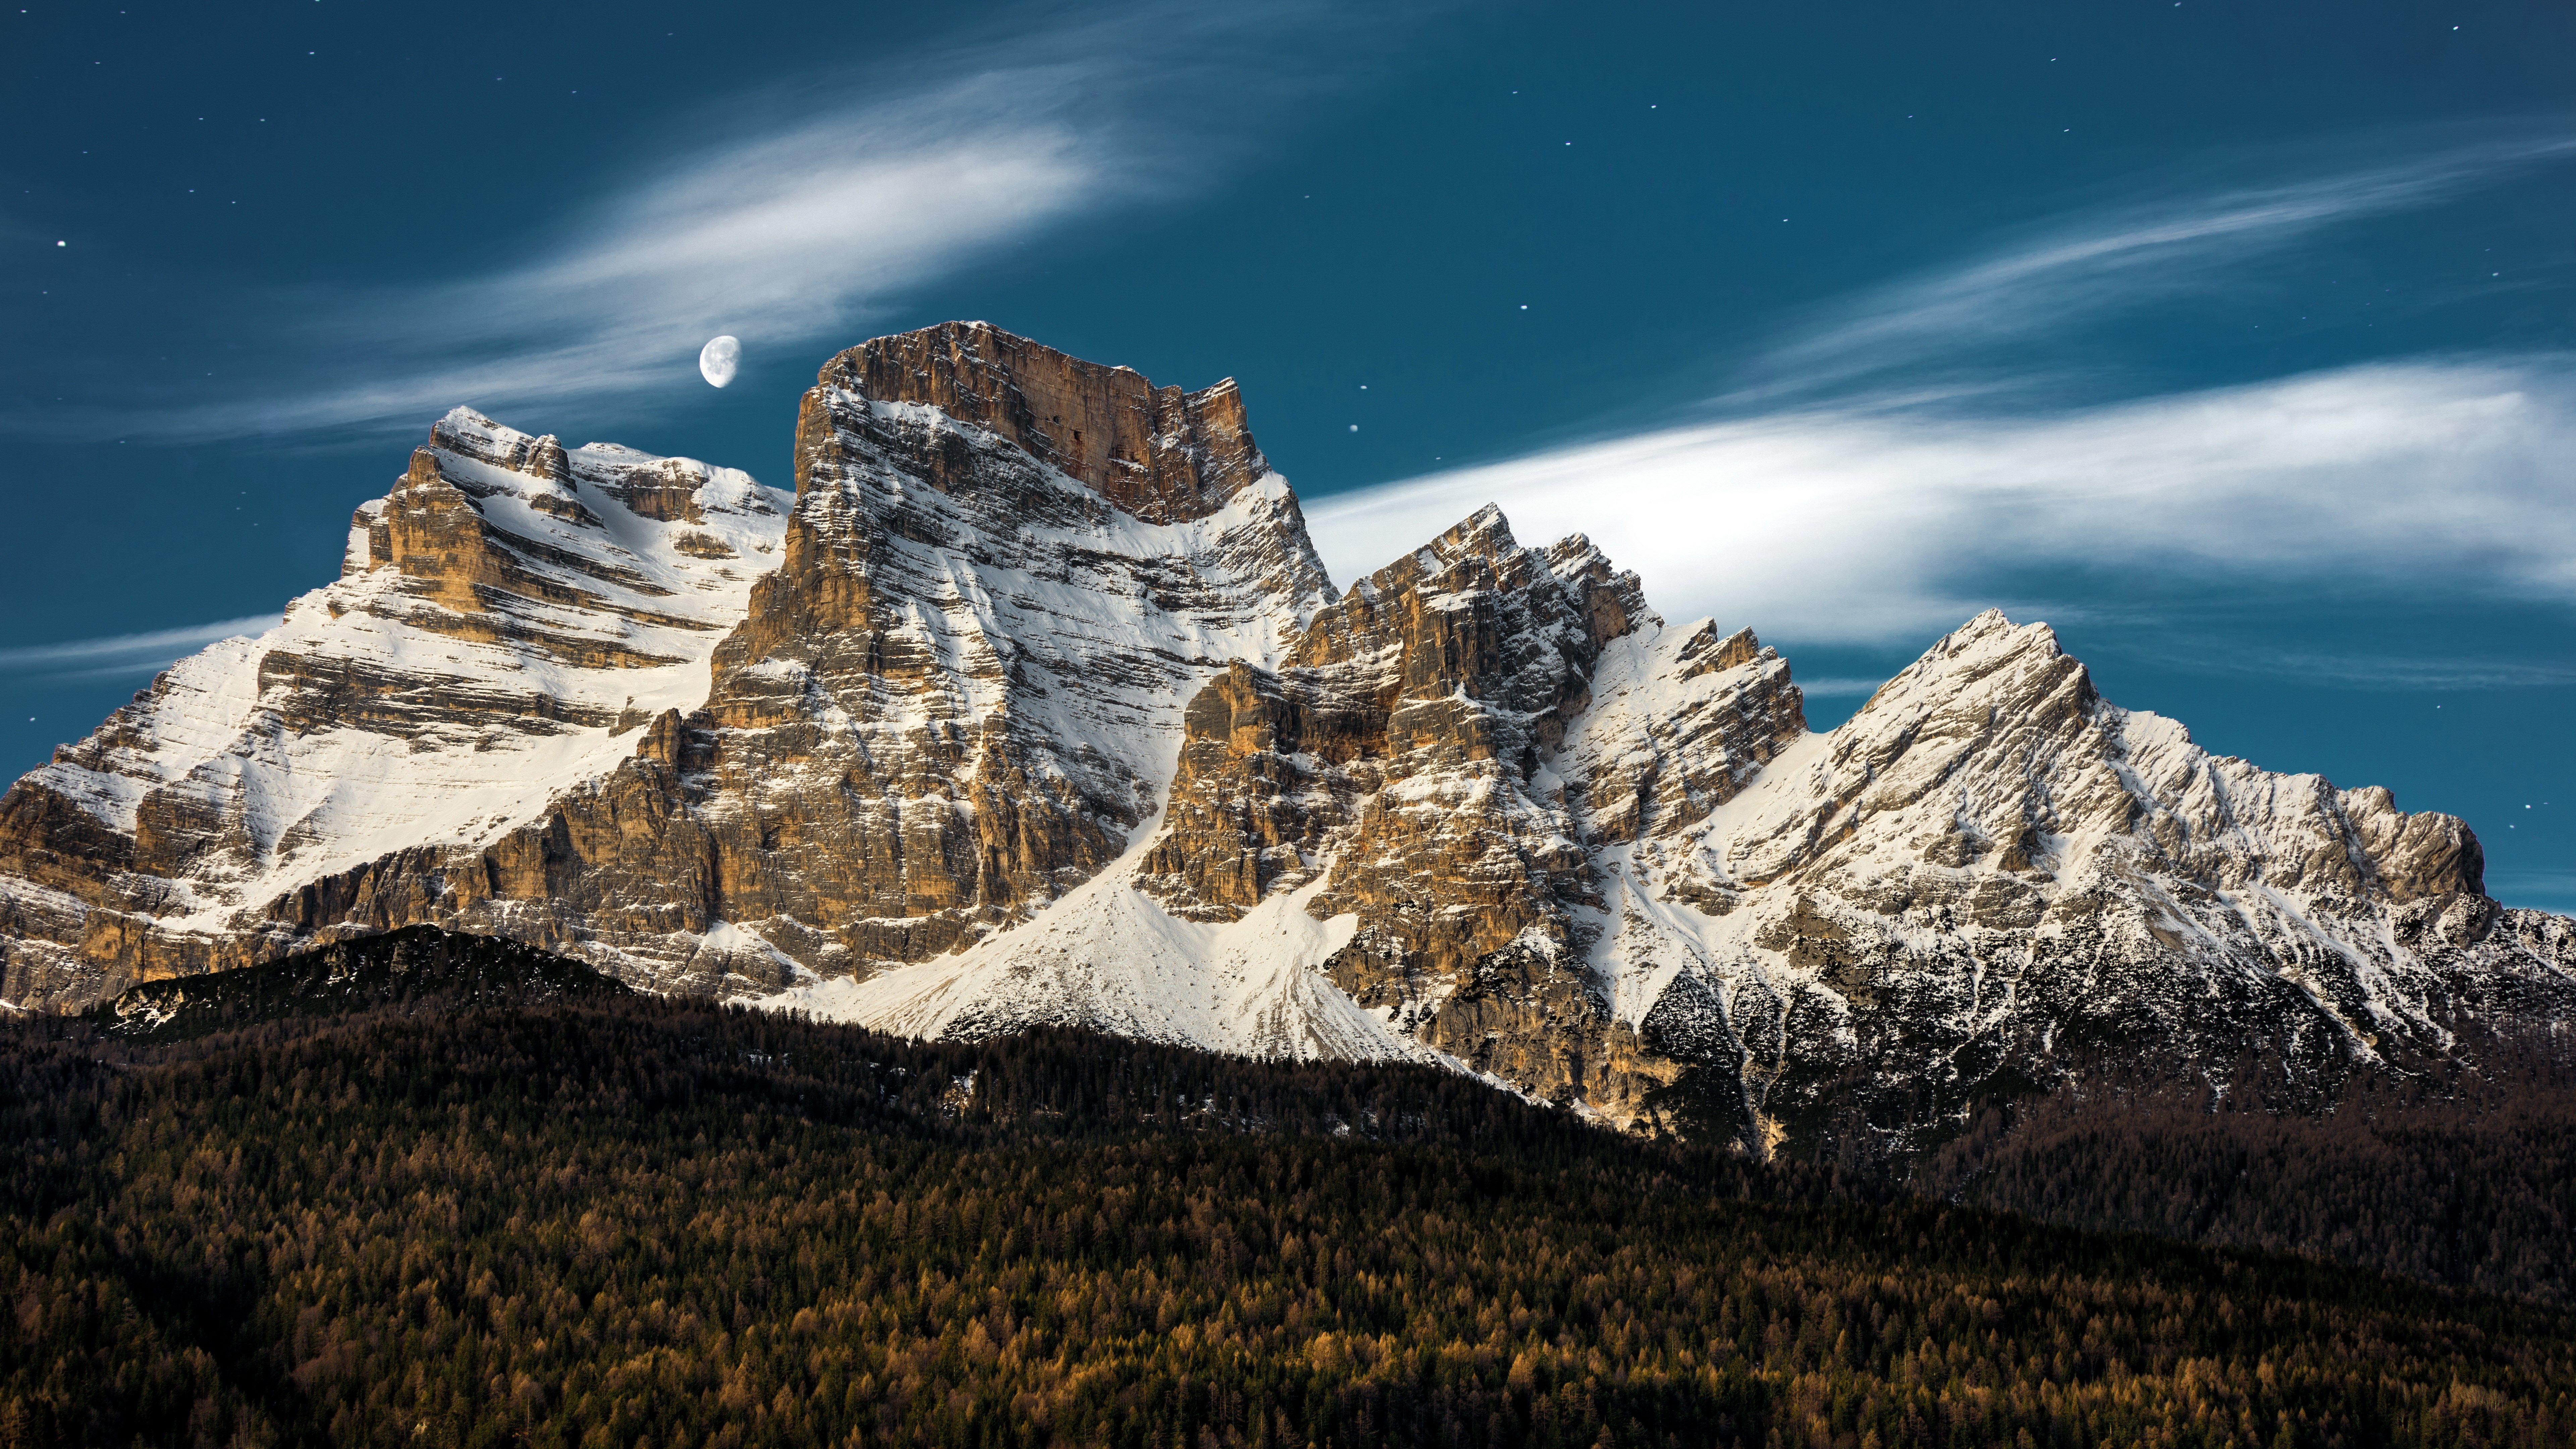 8k wallpaper nature mountain ololoshenka